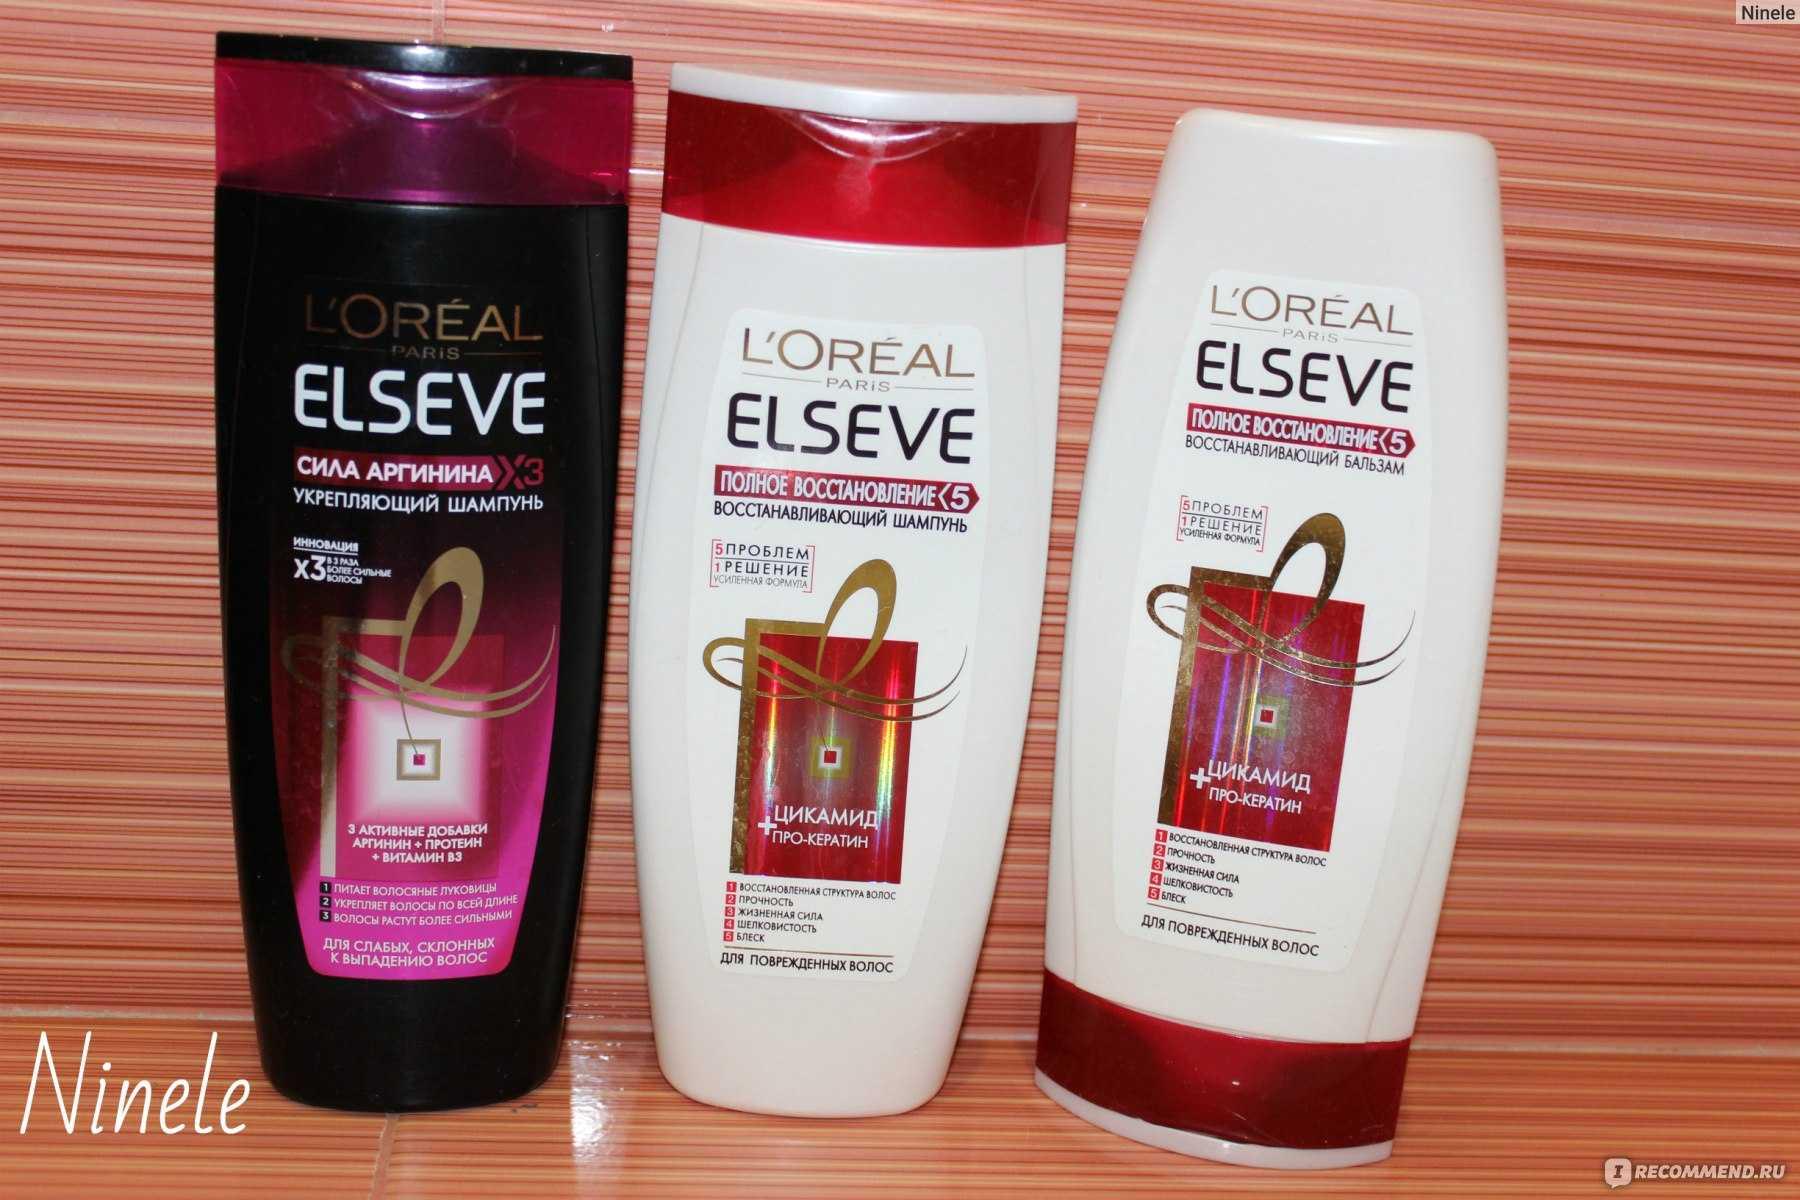 Топ-20 лучших профессиональных шампуней для волос: рейтинги, описания, характеристики, отзывы, цены